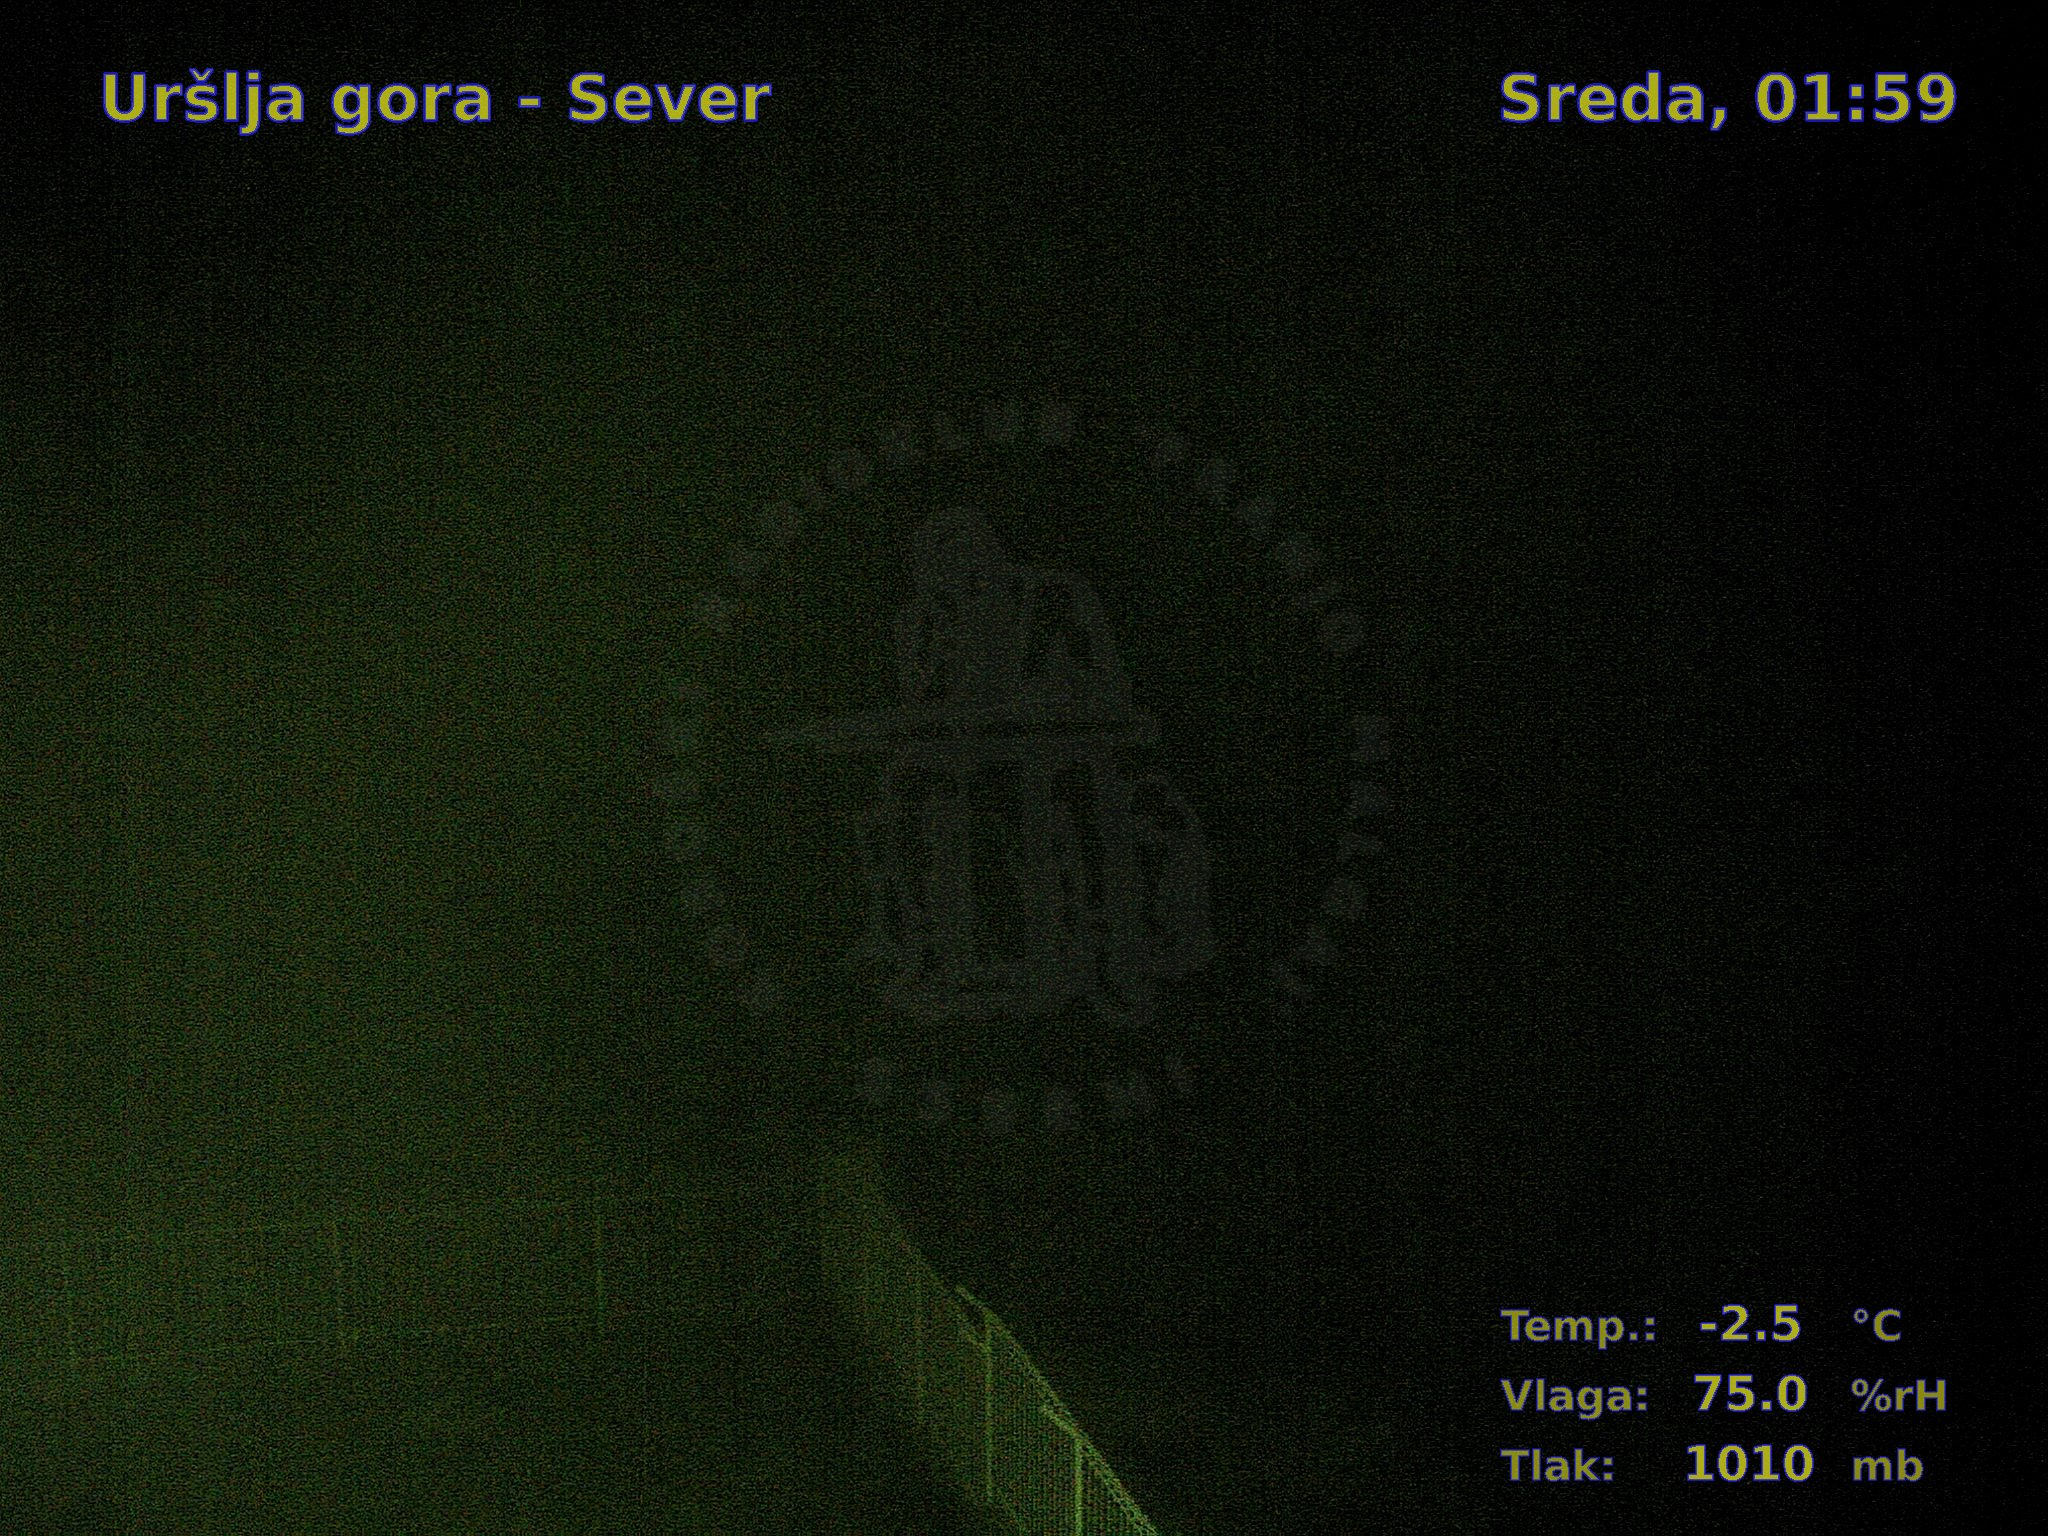 Uršlja gora-Sever, 01:00